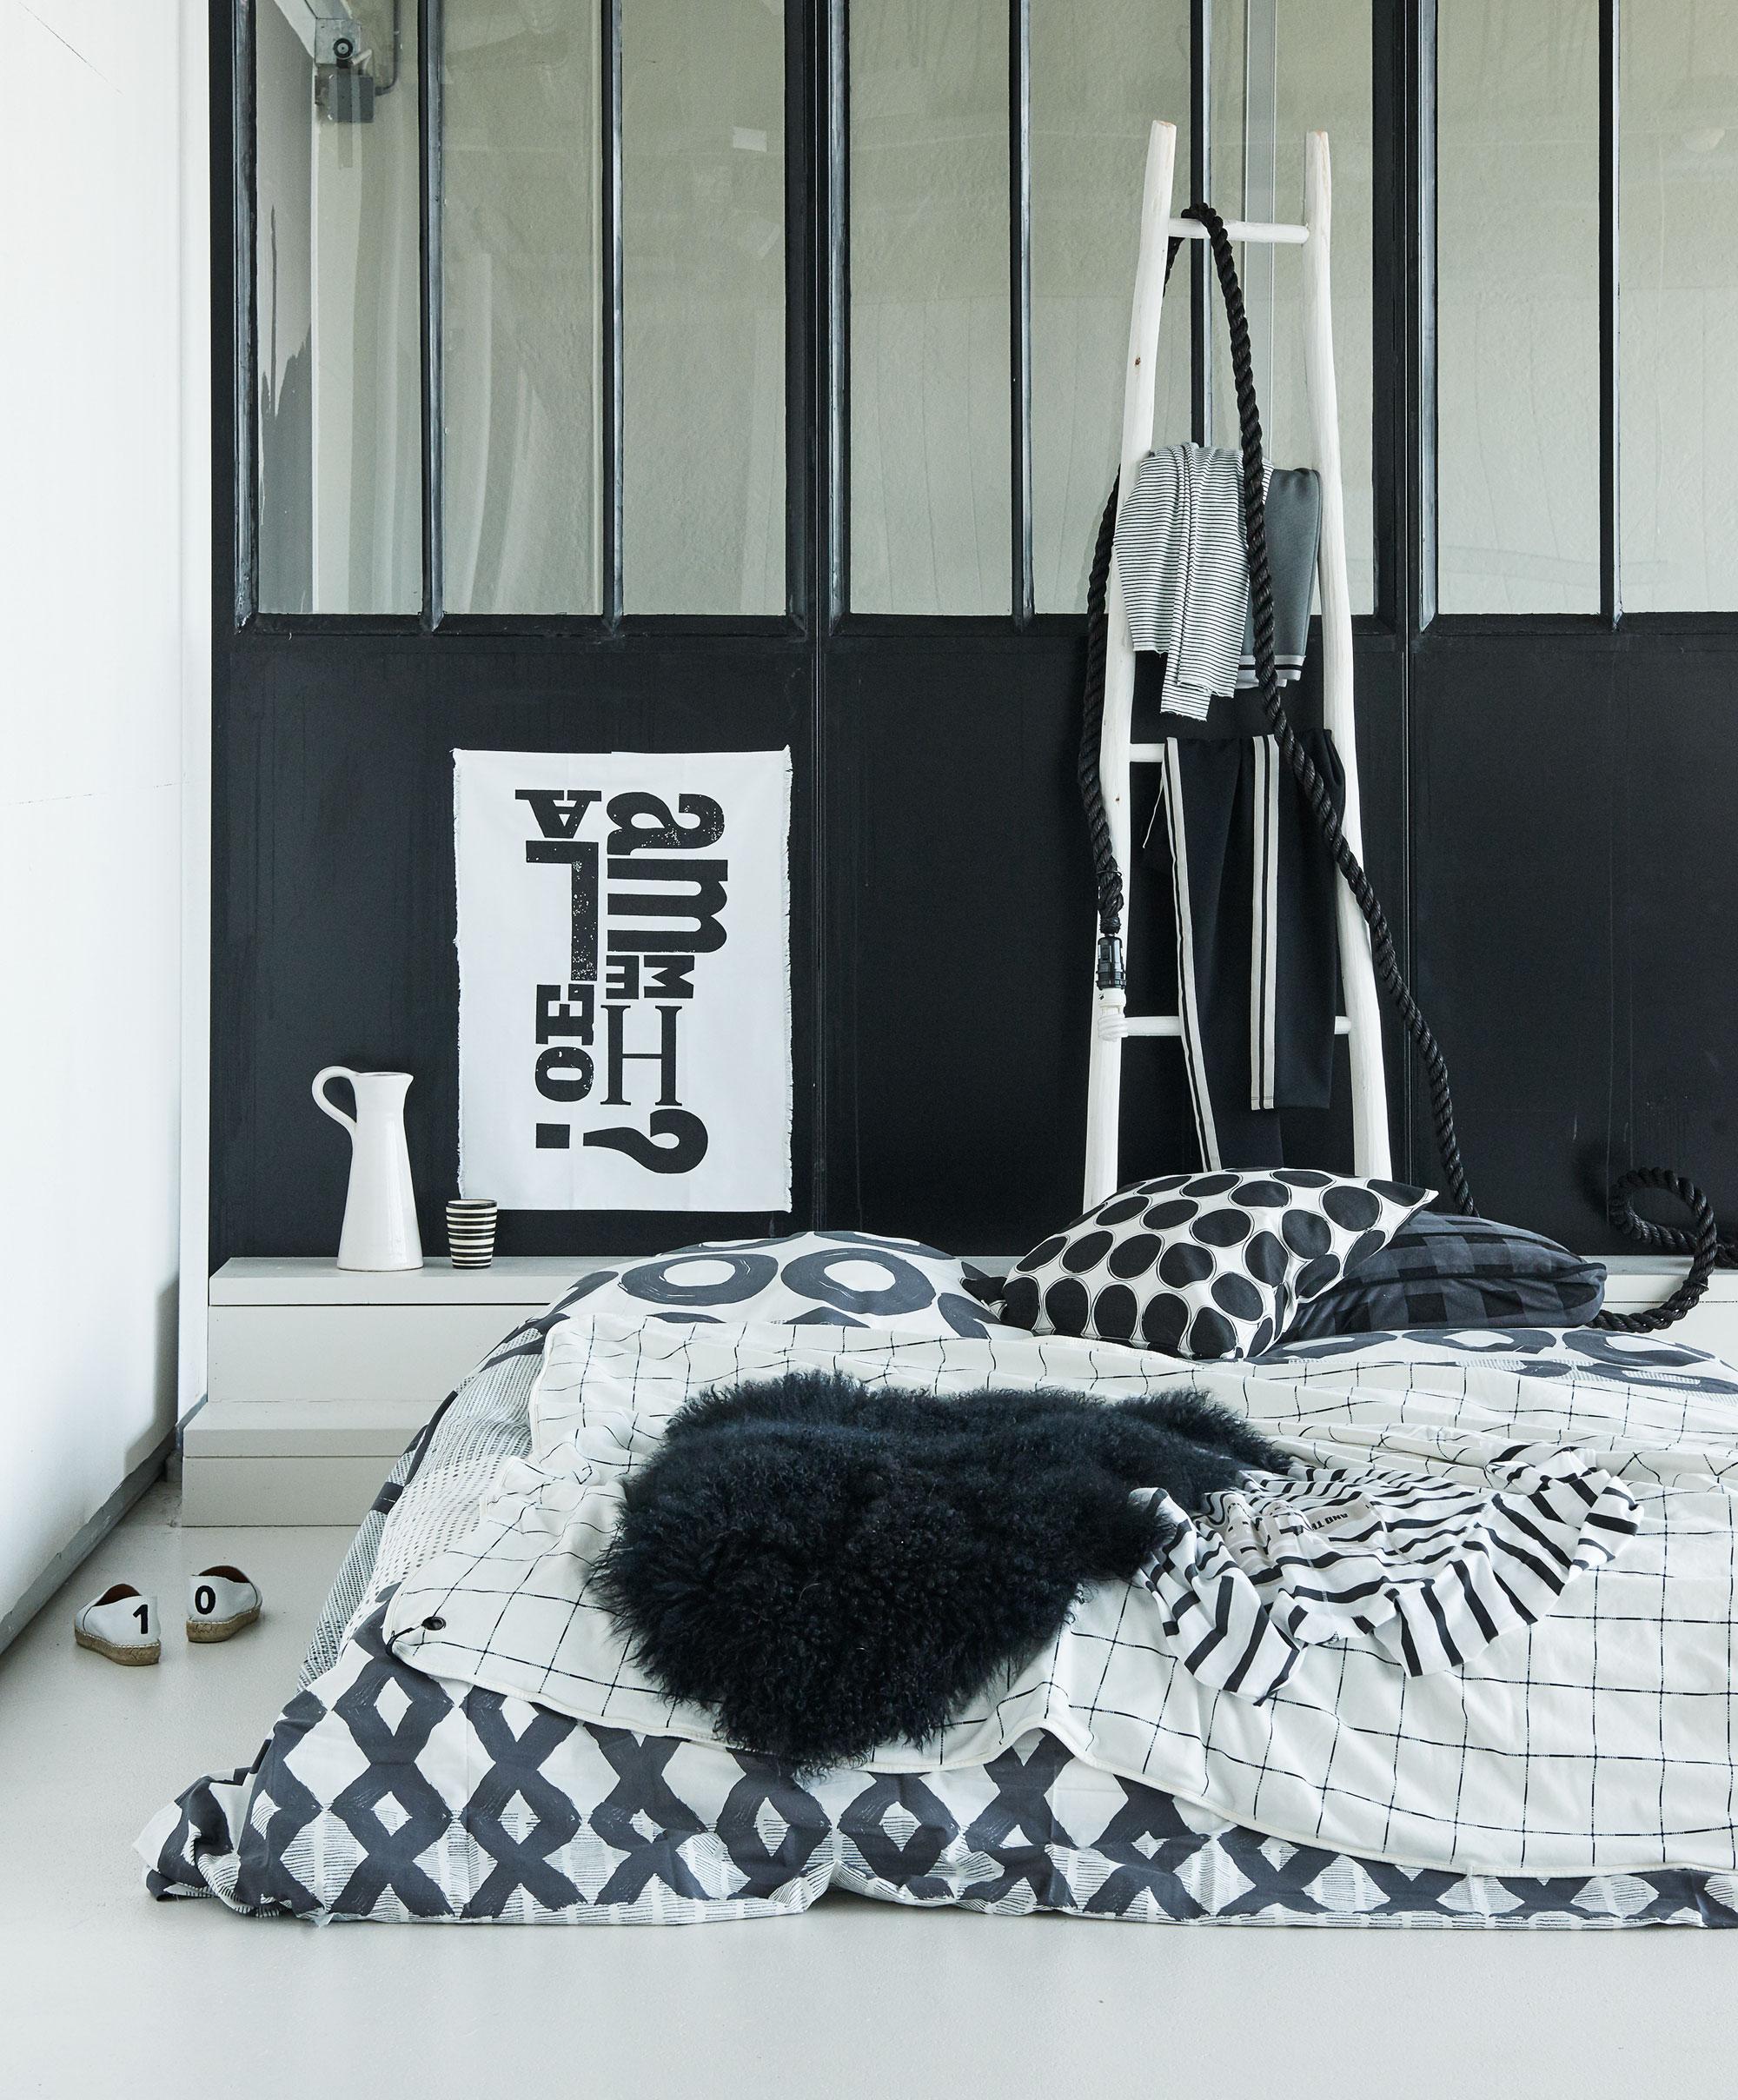 beddengoed zwart wit